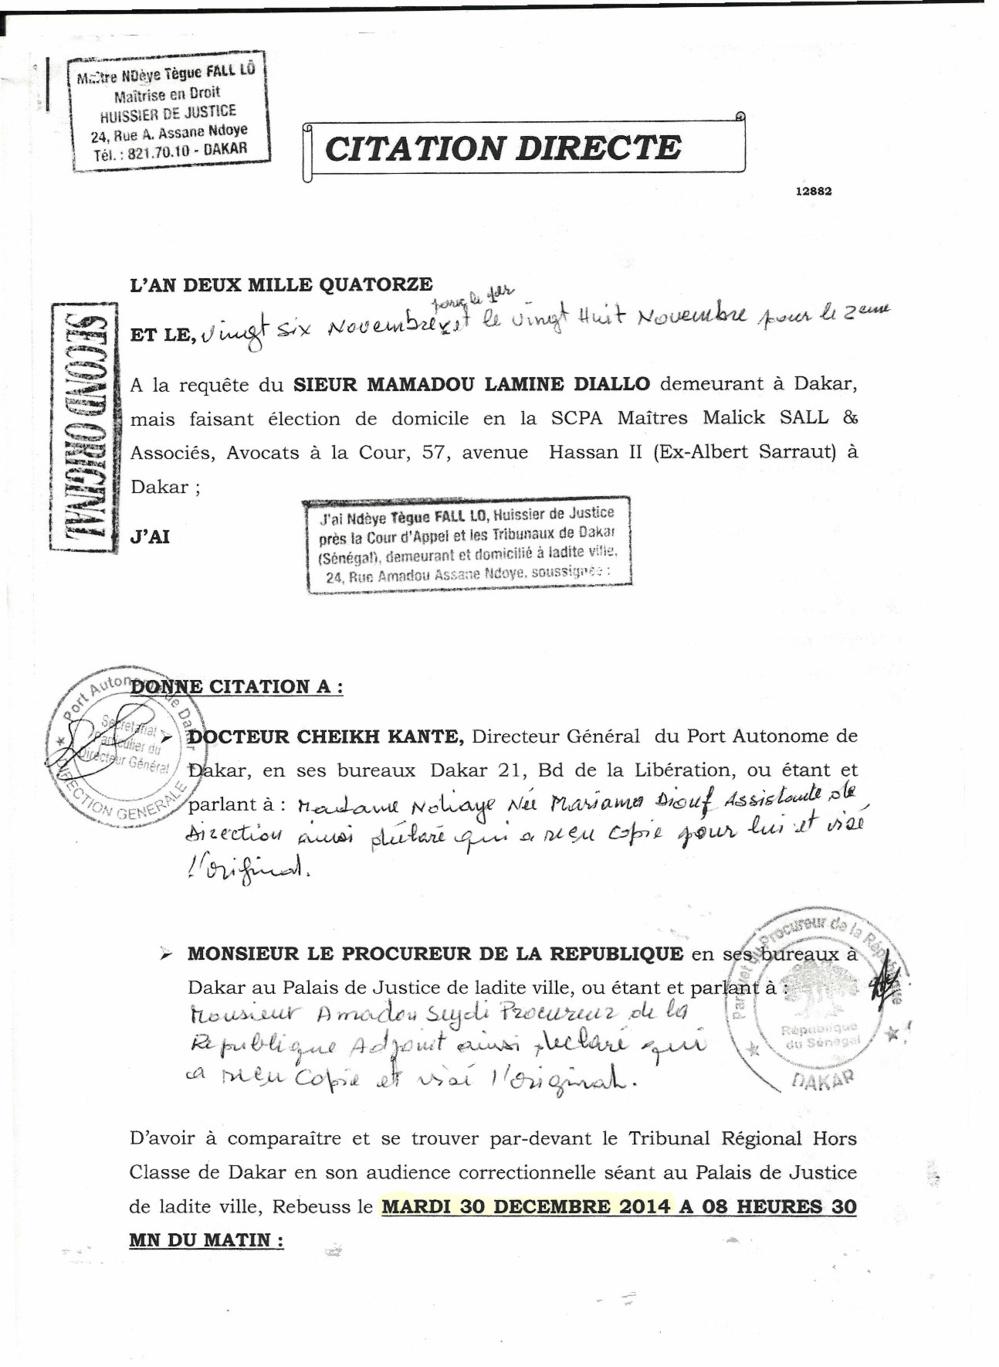 Injure publique : Le député Mamadou Lamine Diallo traîne Dr Cheikh Kanté devant le juge (document)